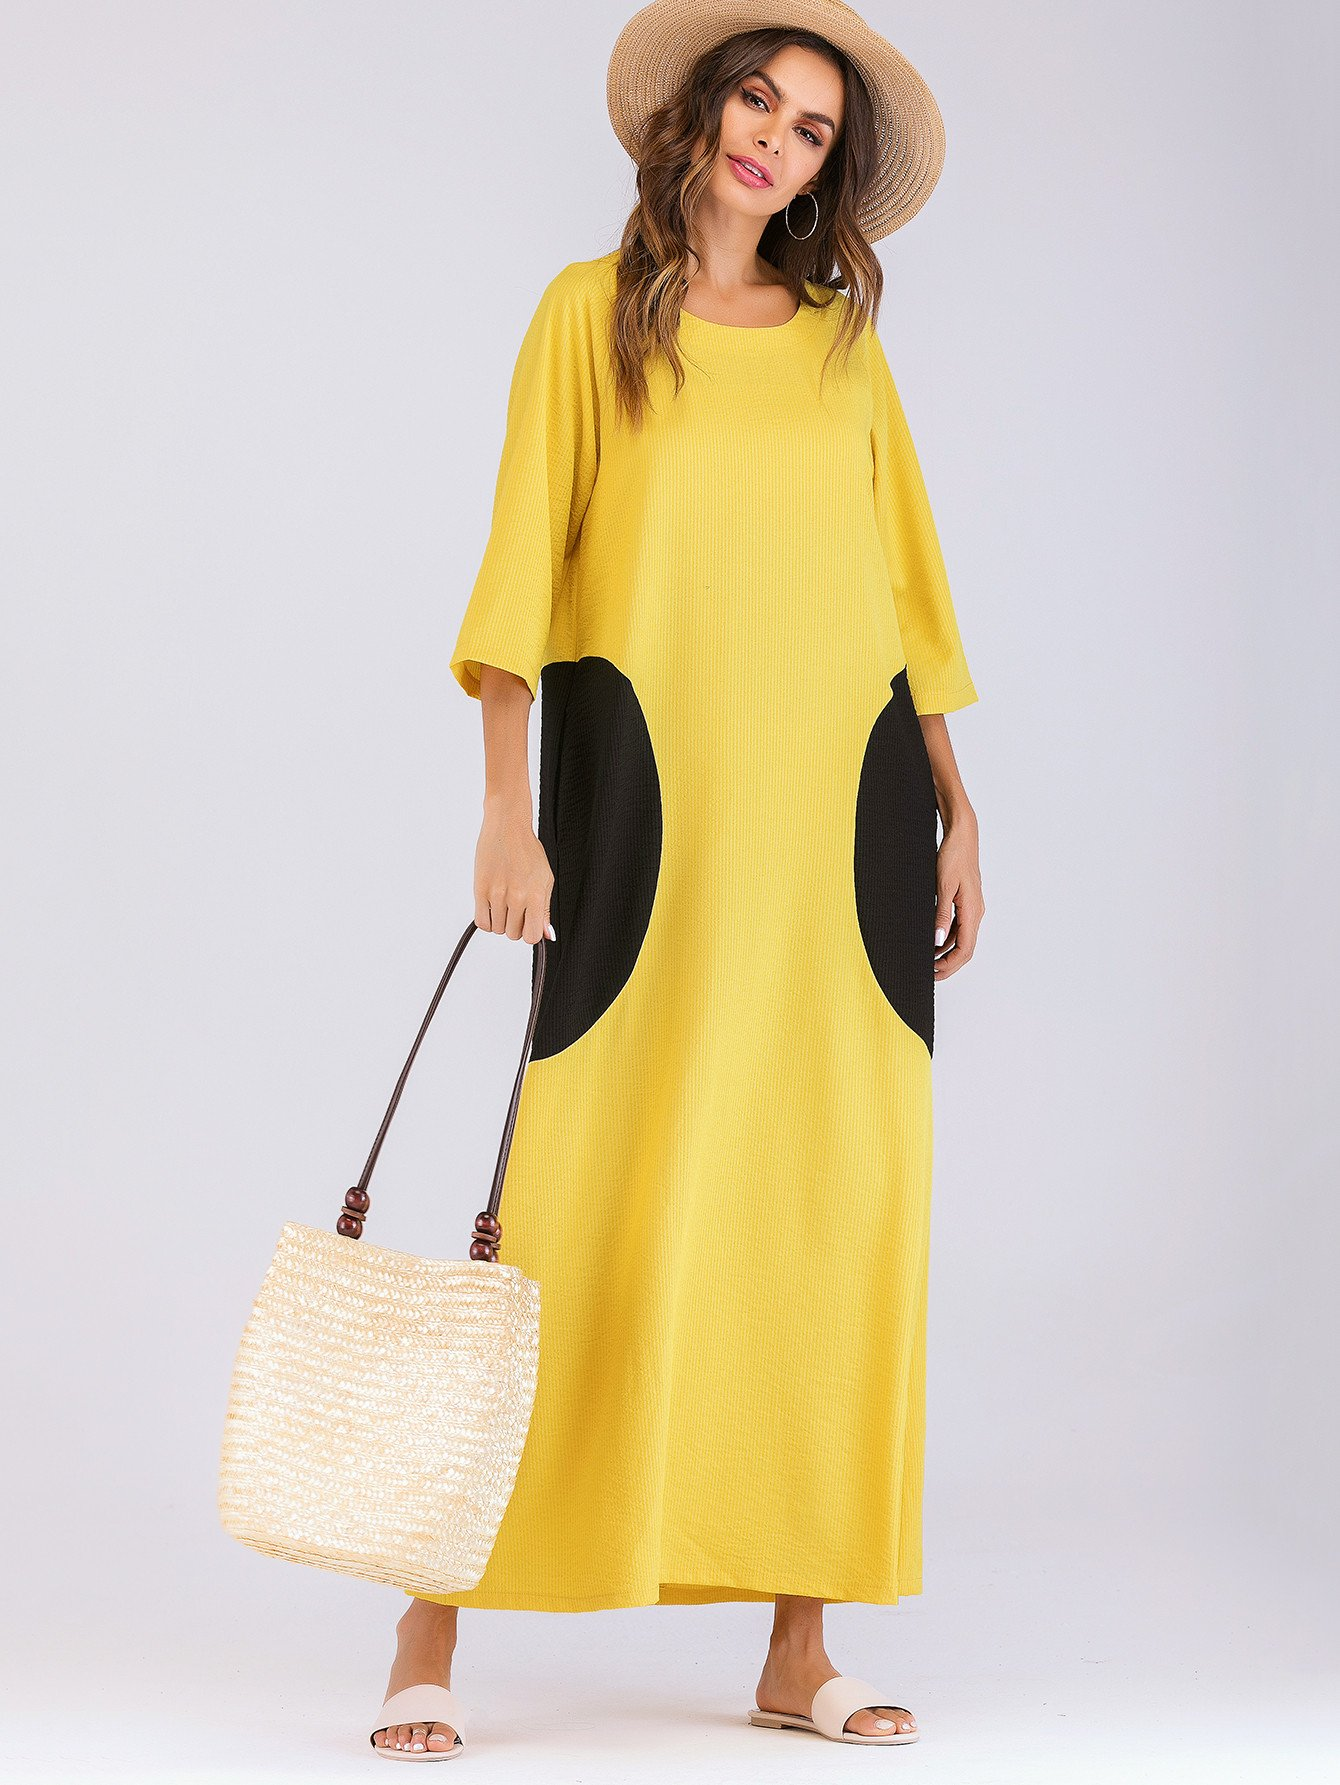 Купить Длинное платье из нескольких цветов и с украшением пуговиц, null, SheIn